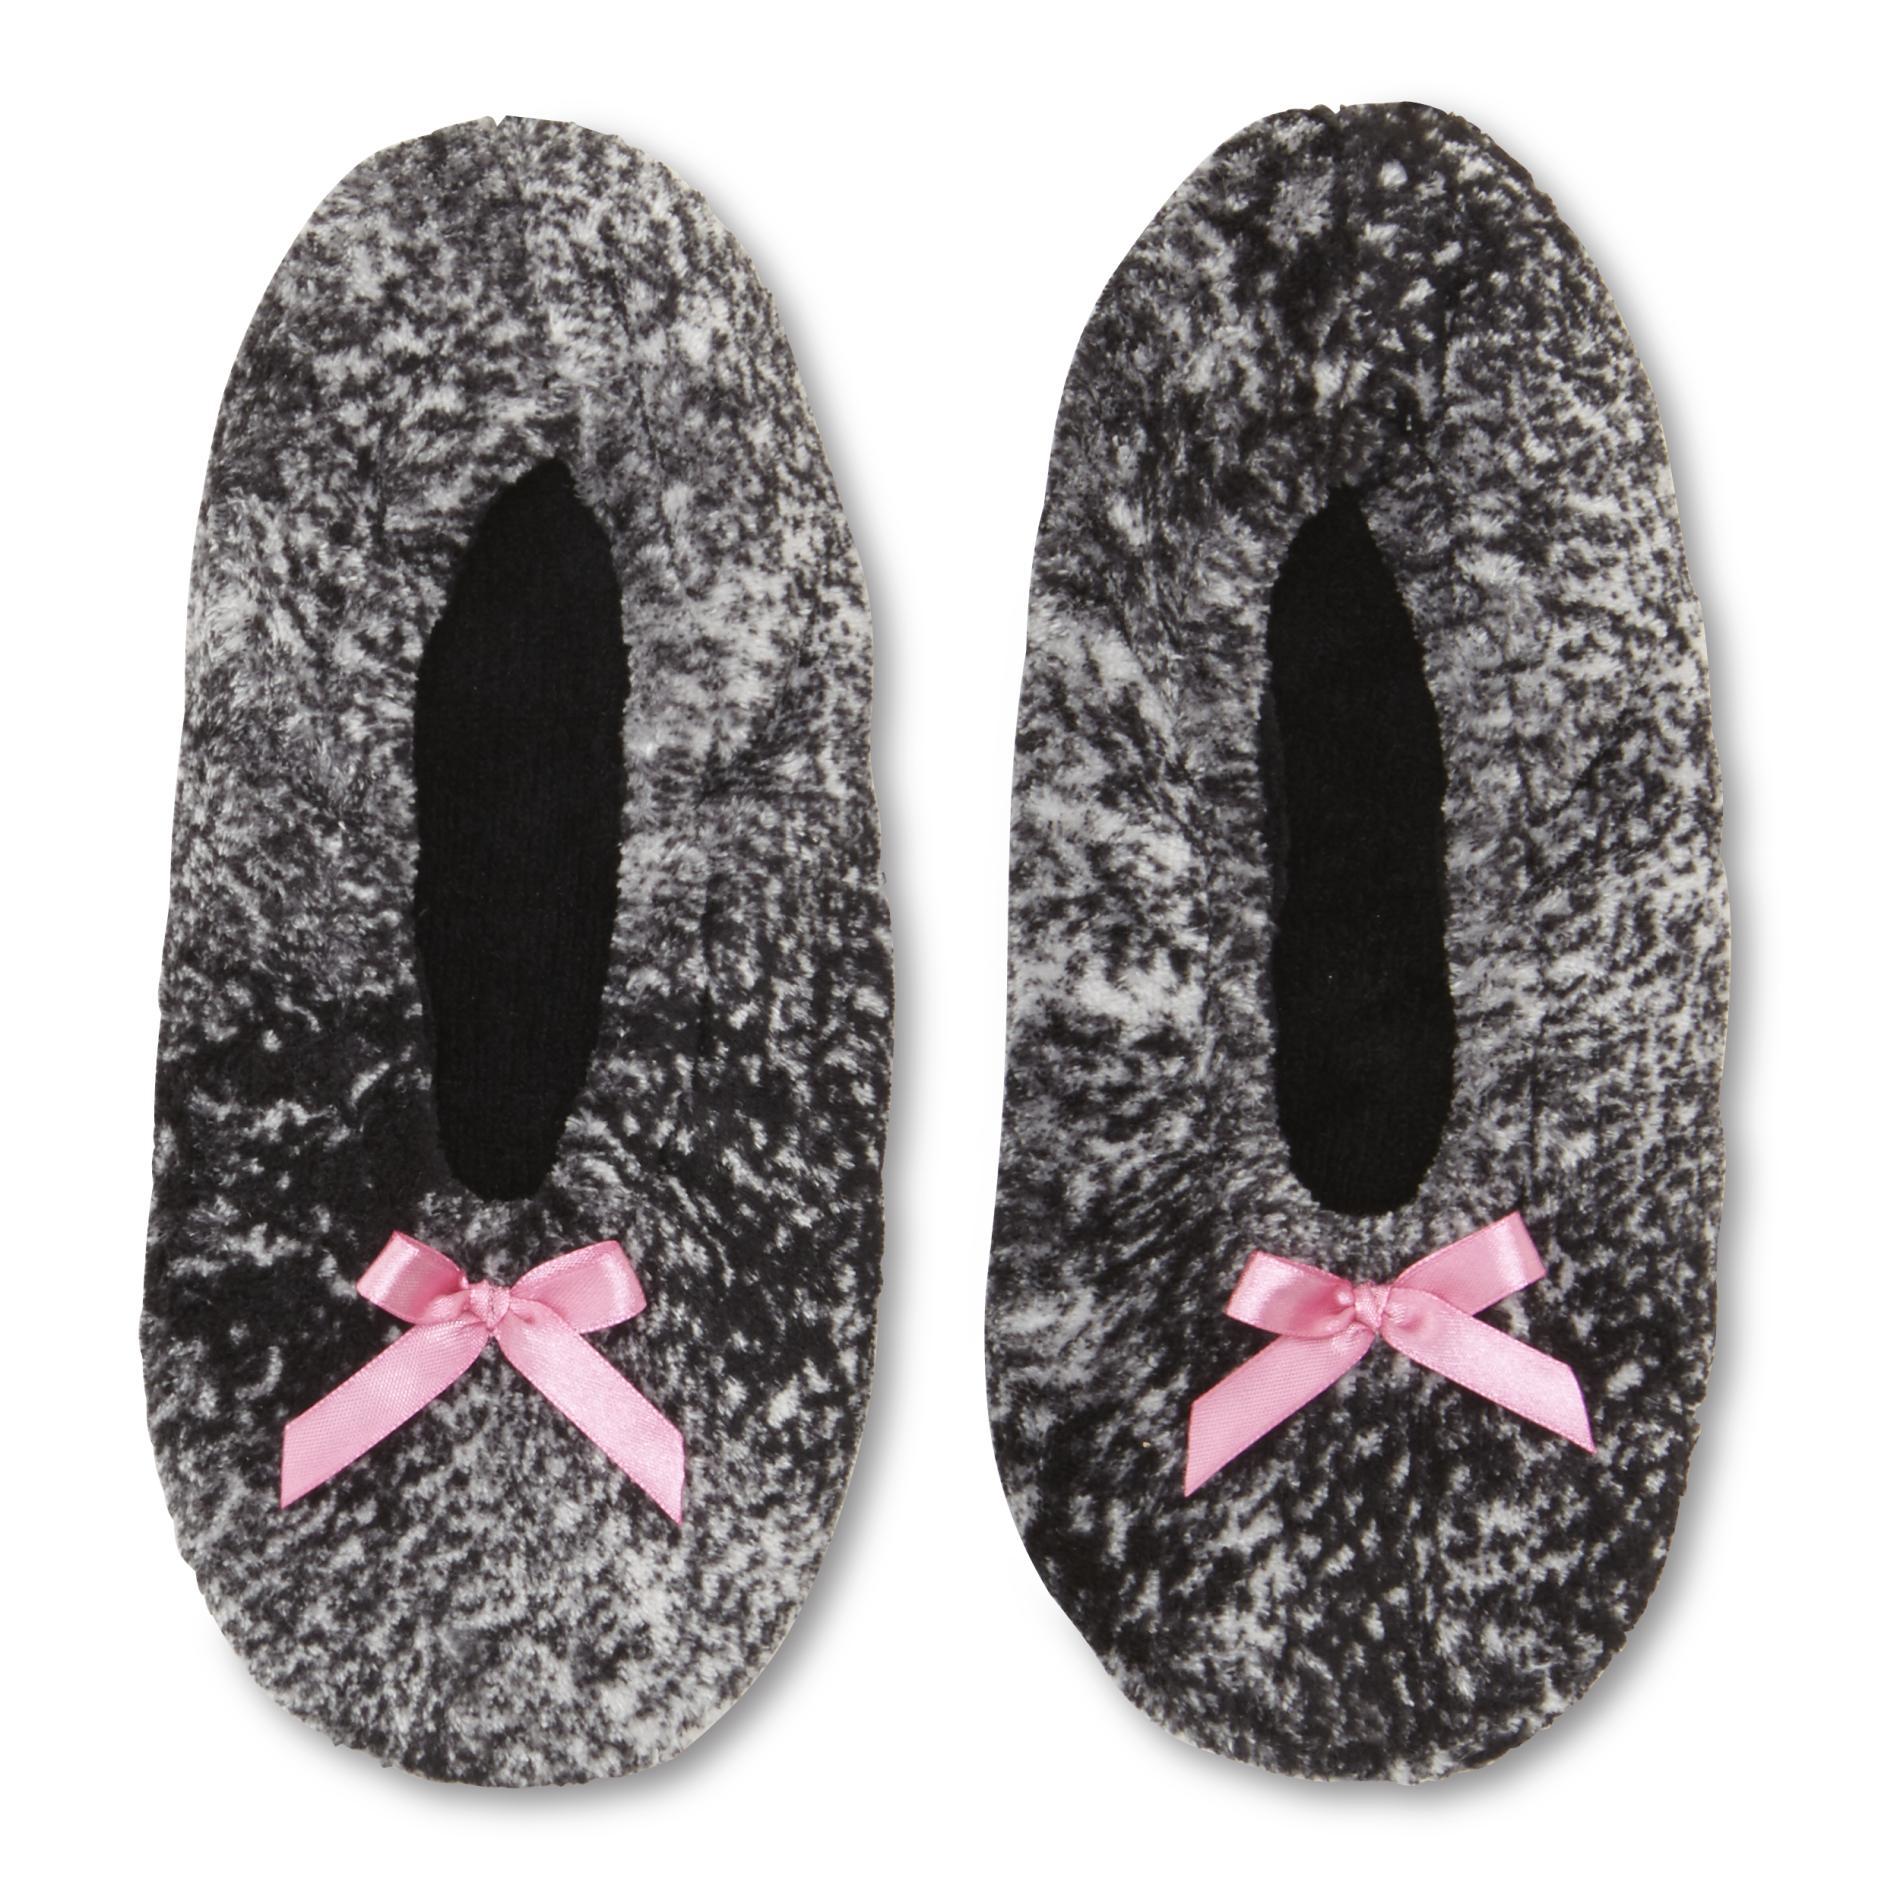 Joe Boxer Women's Plush Fleece Slipper Socks